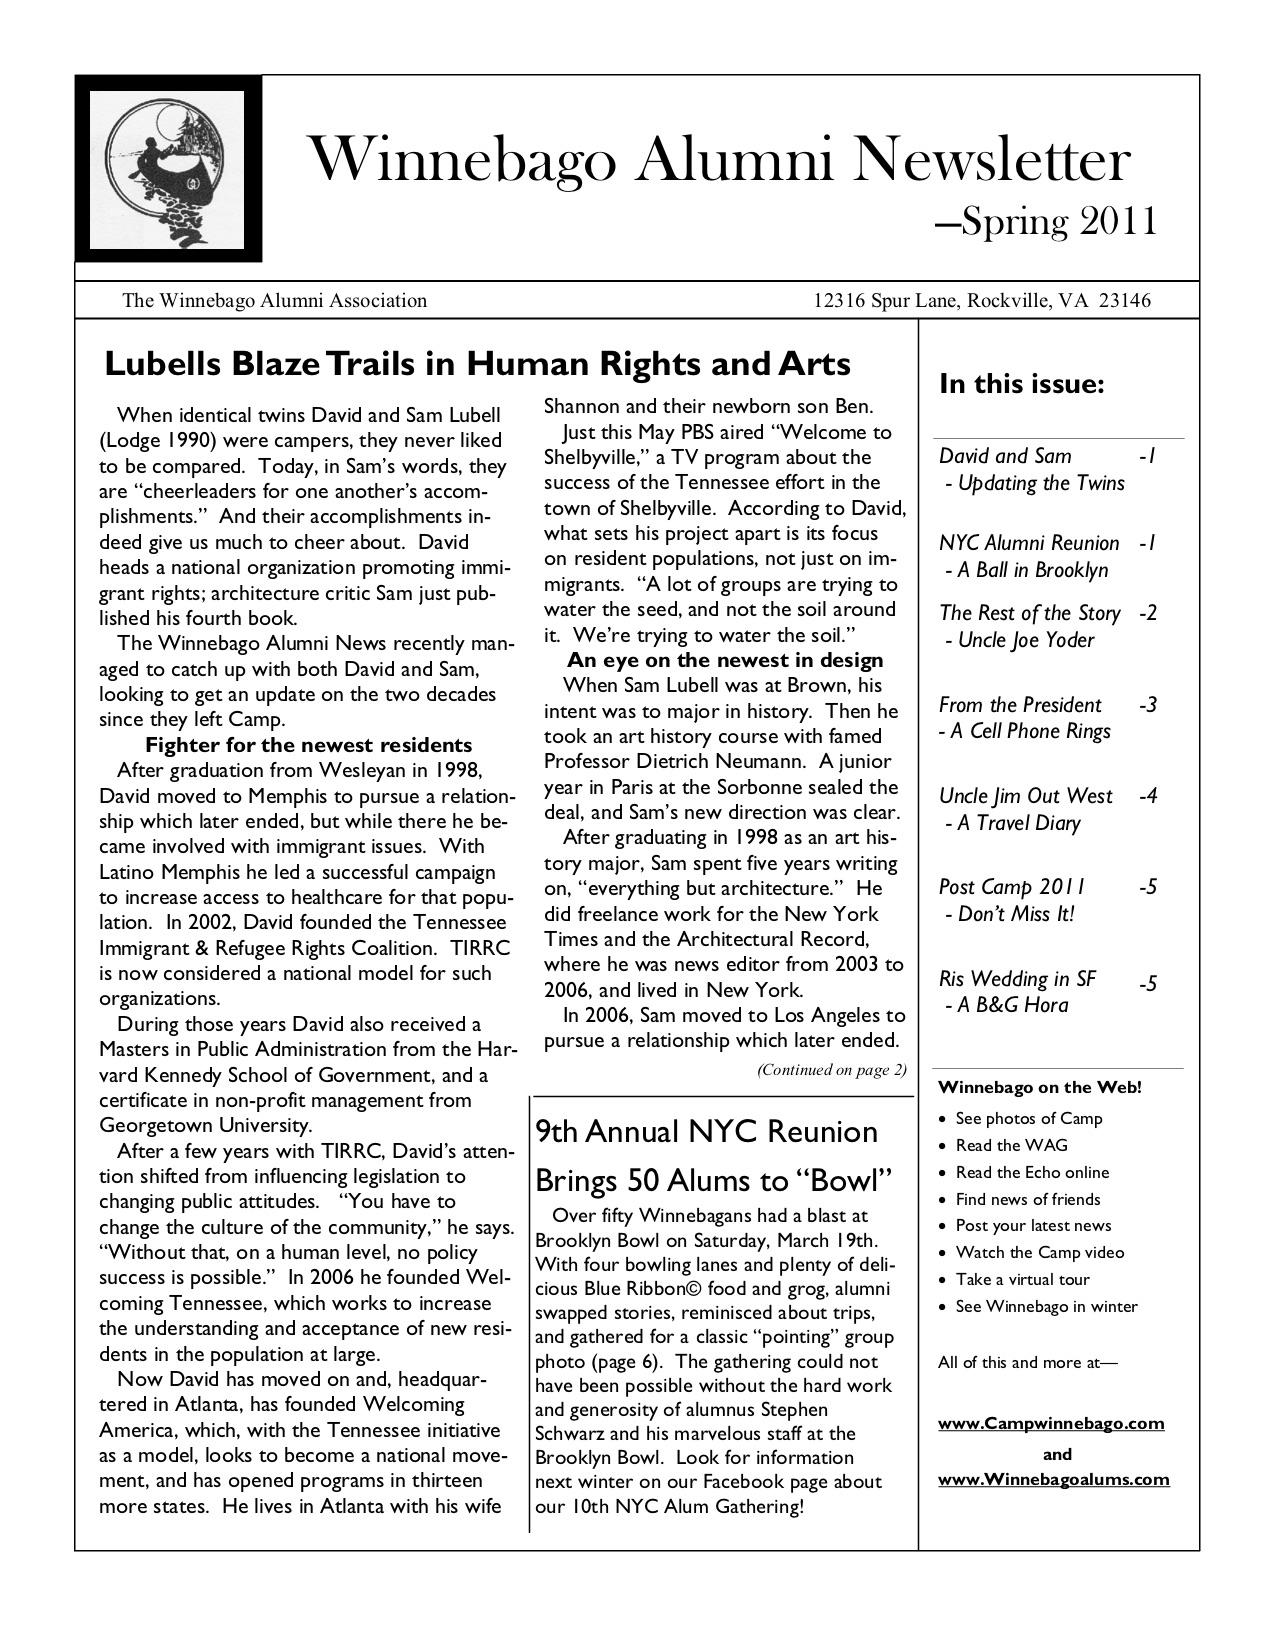 2011 Spring Newsletter.jpg